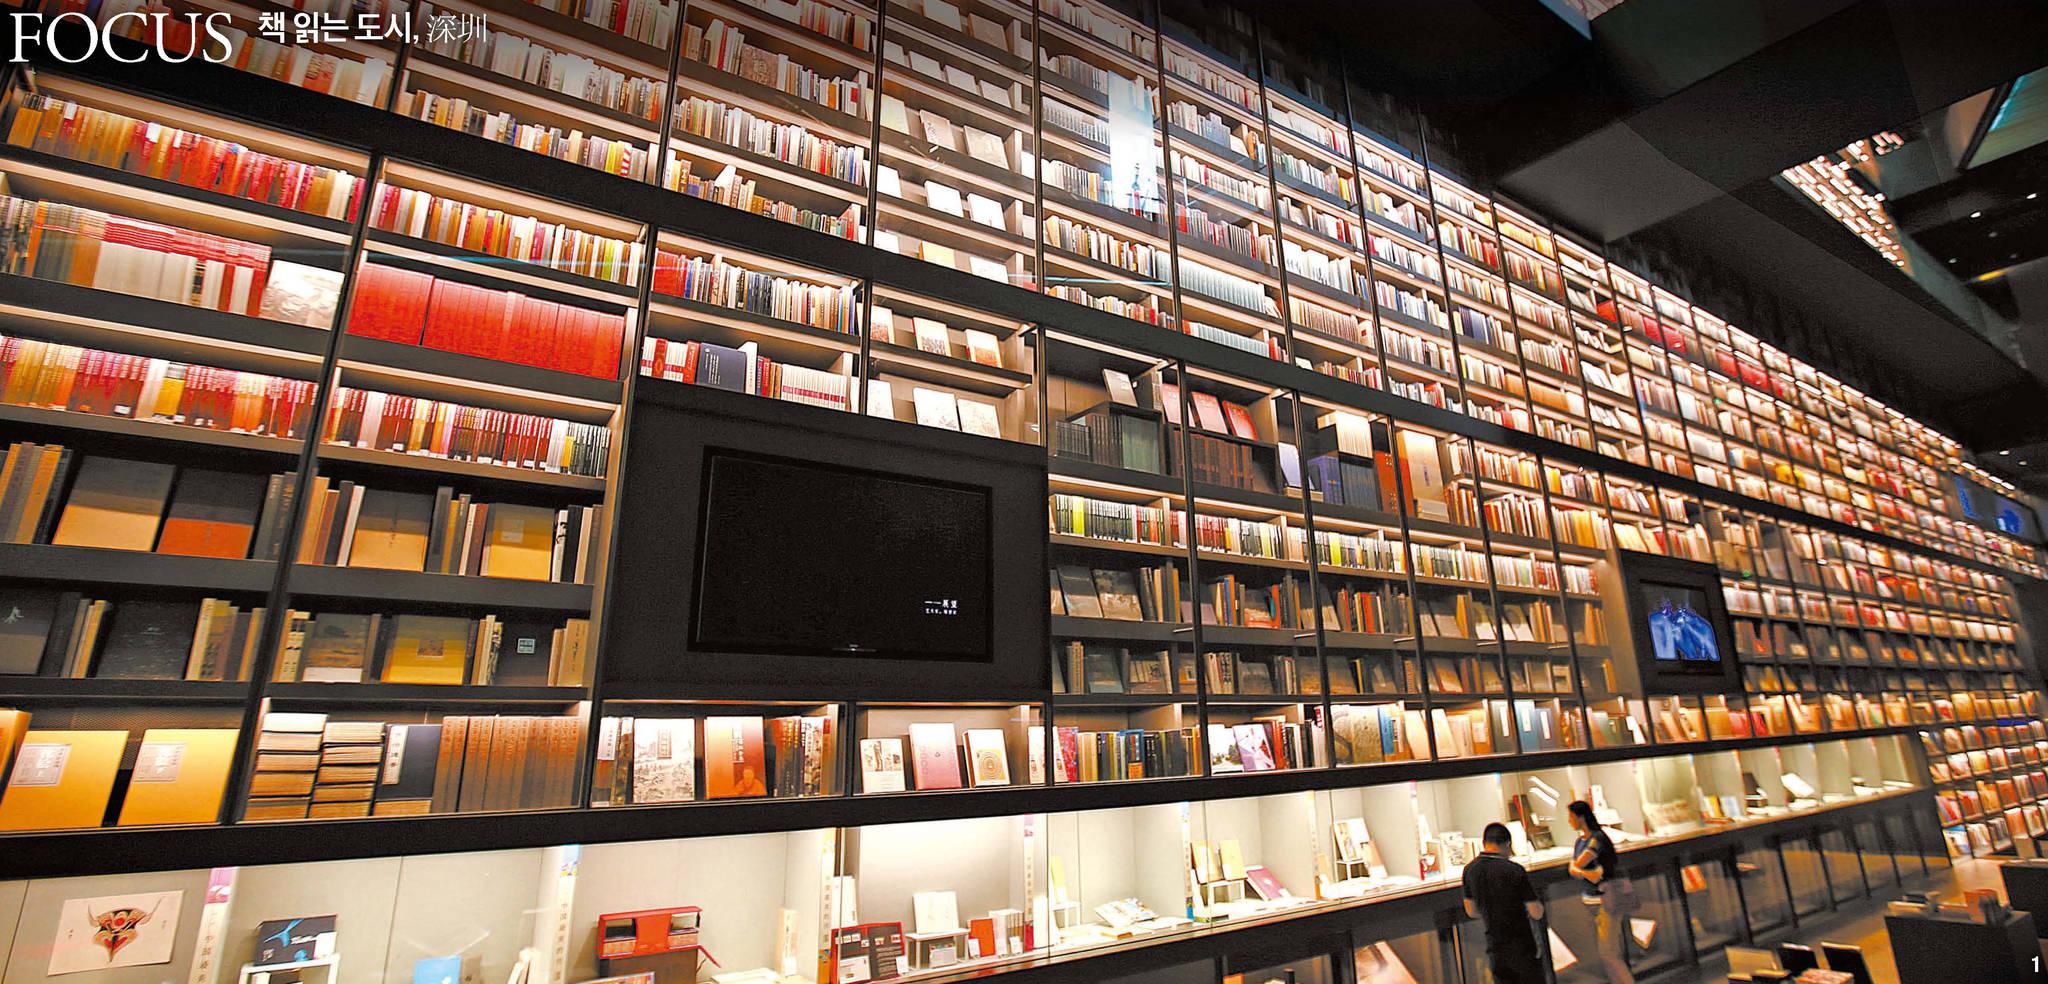 인쇄가 예술로 진화한 곳, 야창예술센터는 '책의 숲'